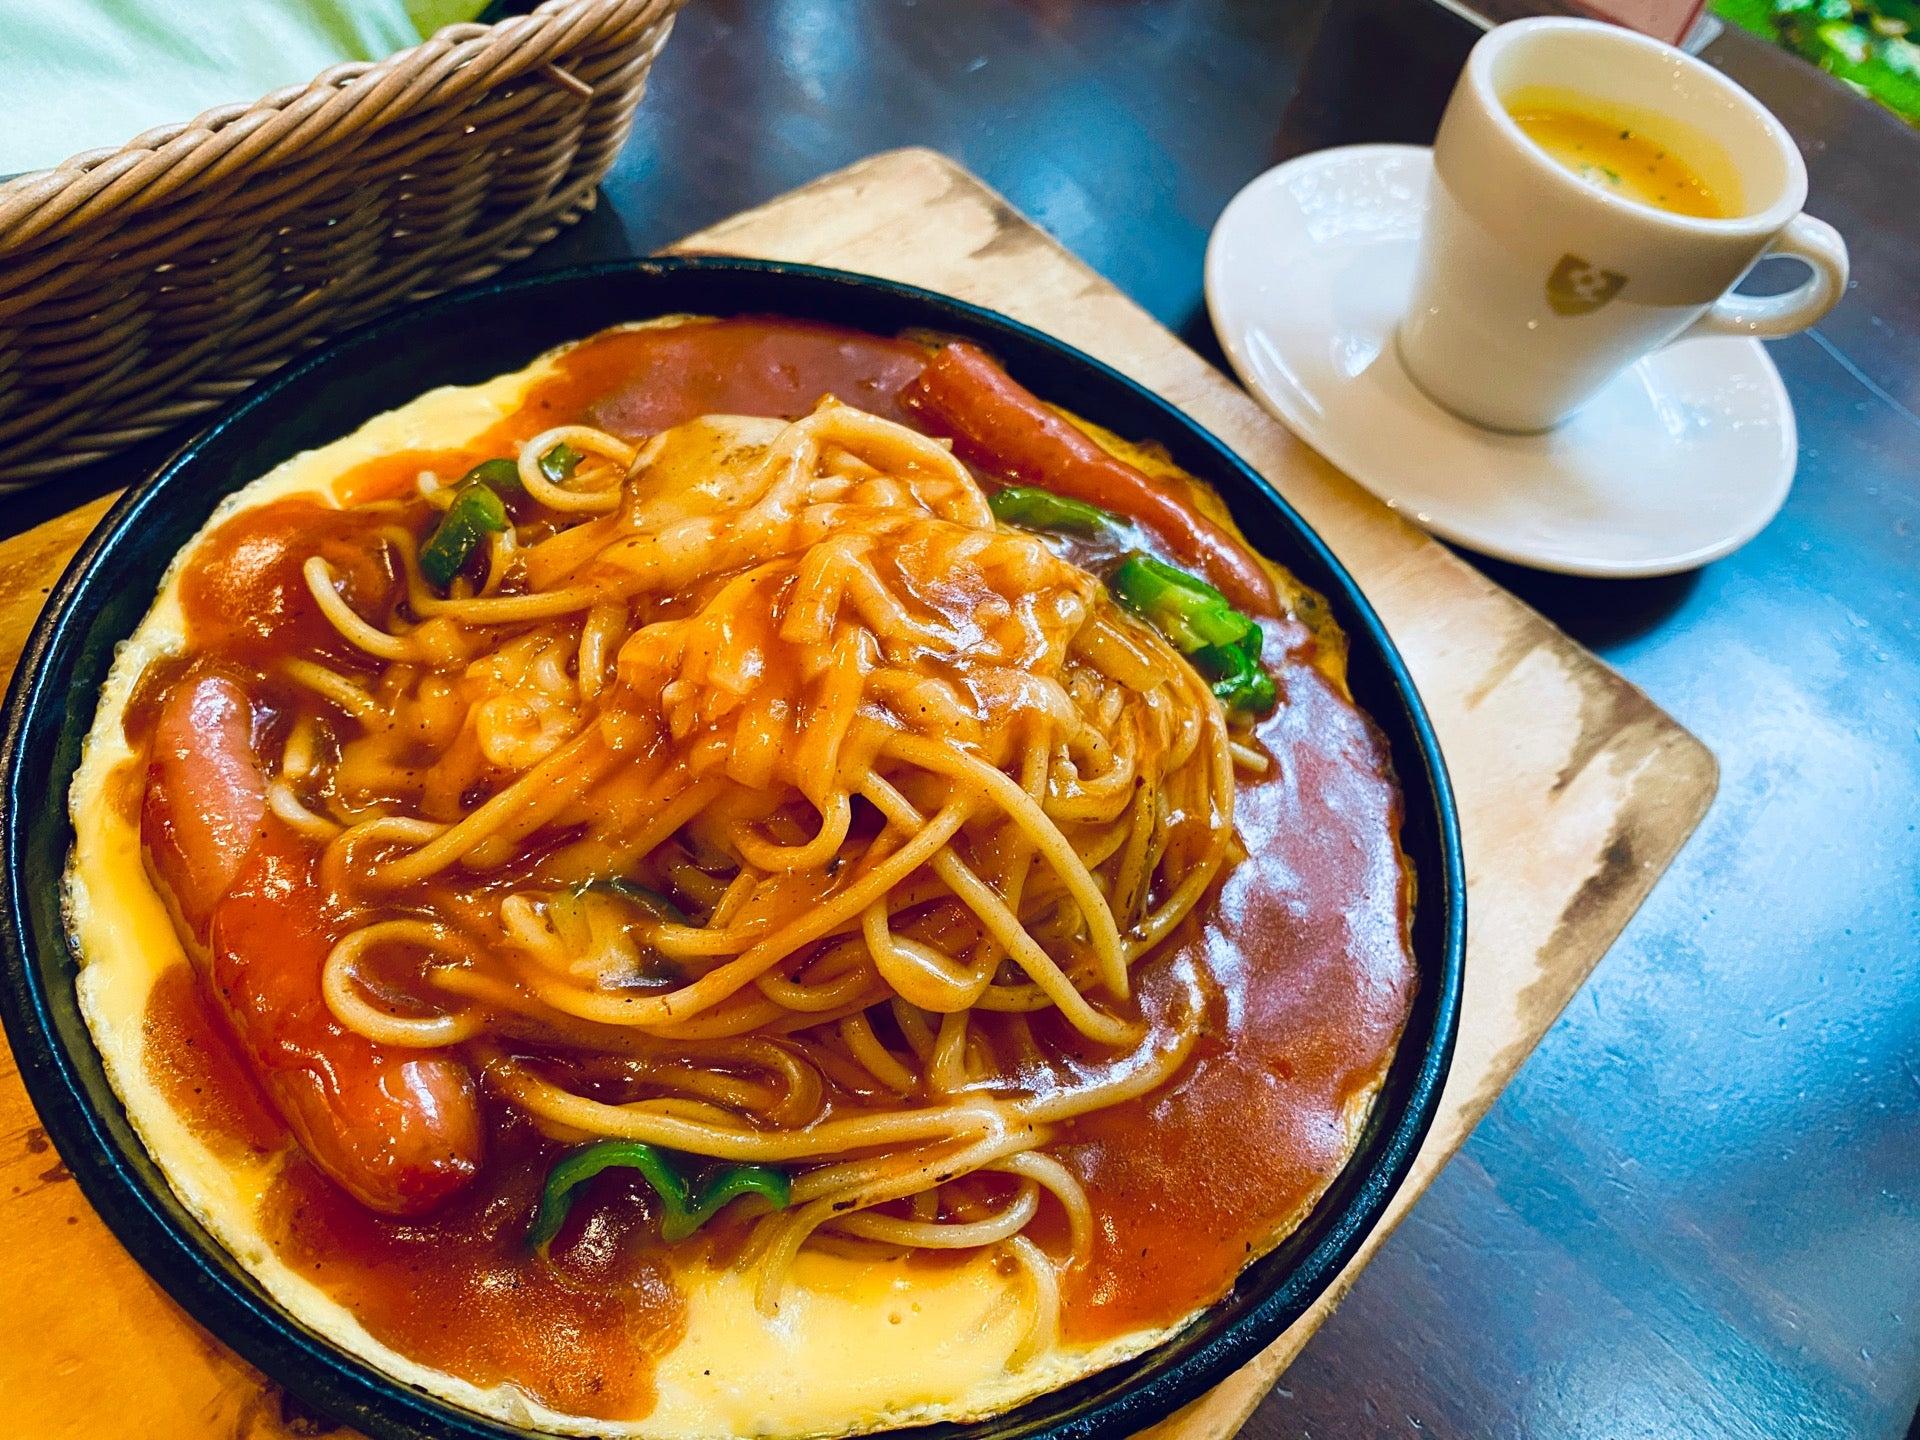 ピカン。名古屋名物あんかけスパゲッティ。あんかけなのに珍しくパスタが細麺。辛くない。 (@ カフェタナカ 本店 in 名古屋市, 愛知県) https://t.co/dQfmSofgV3 https://t.co/bAYKAkBq2y